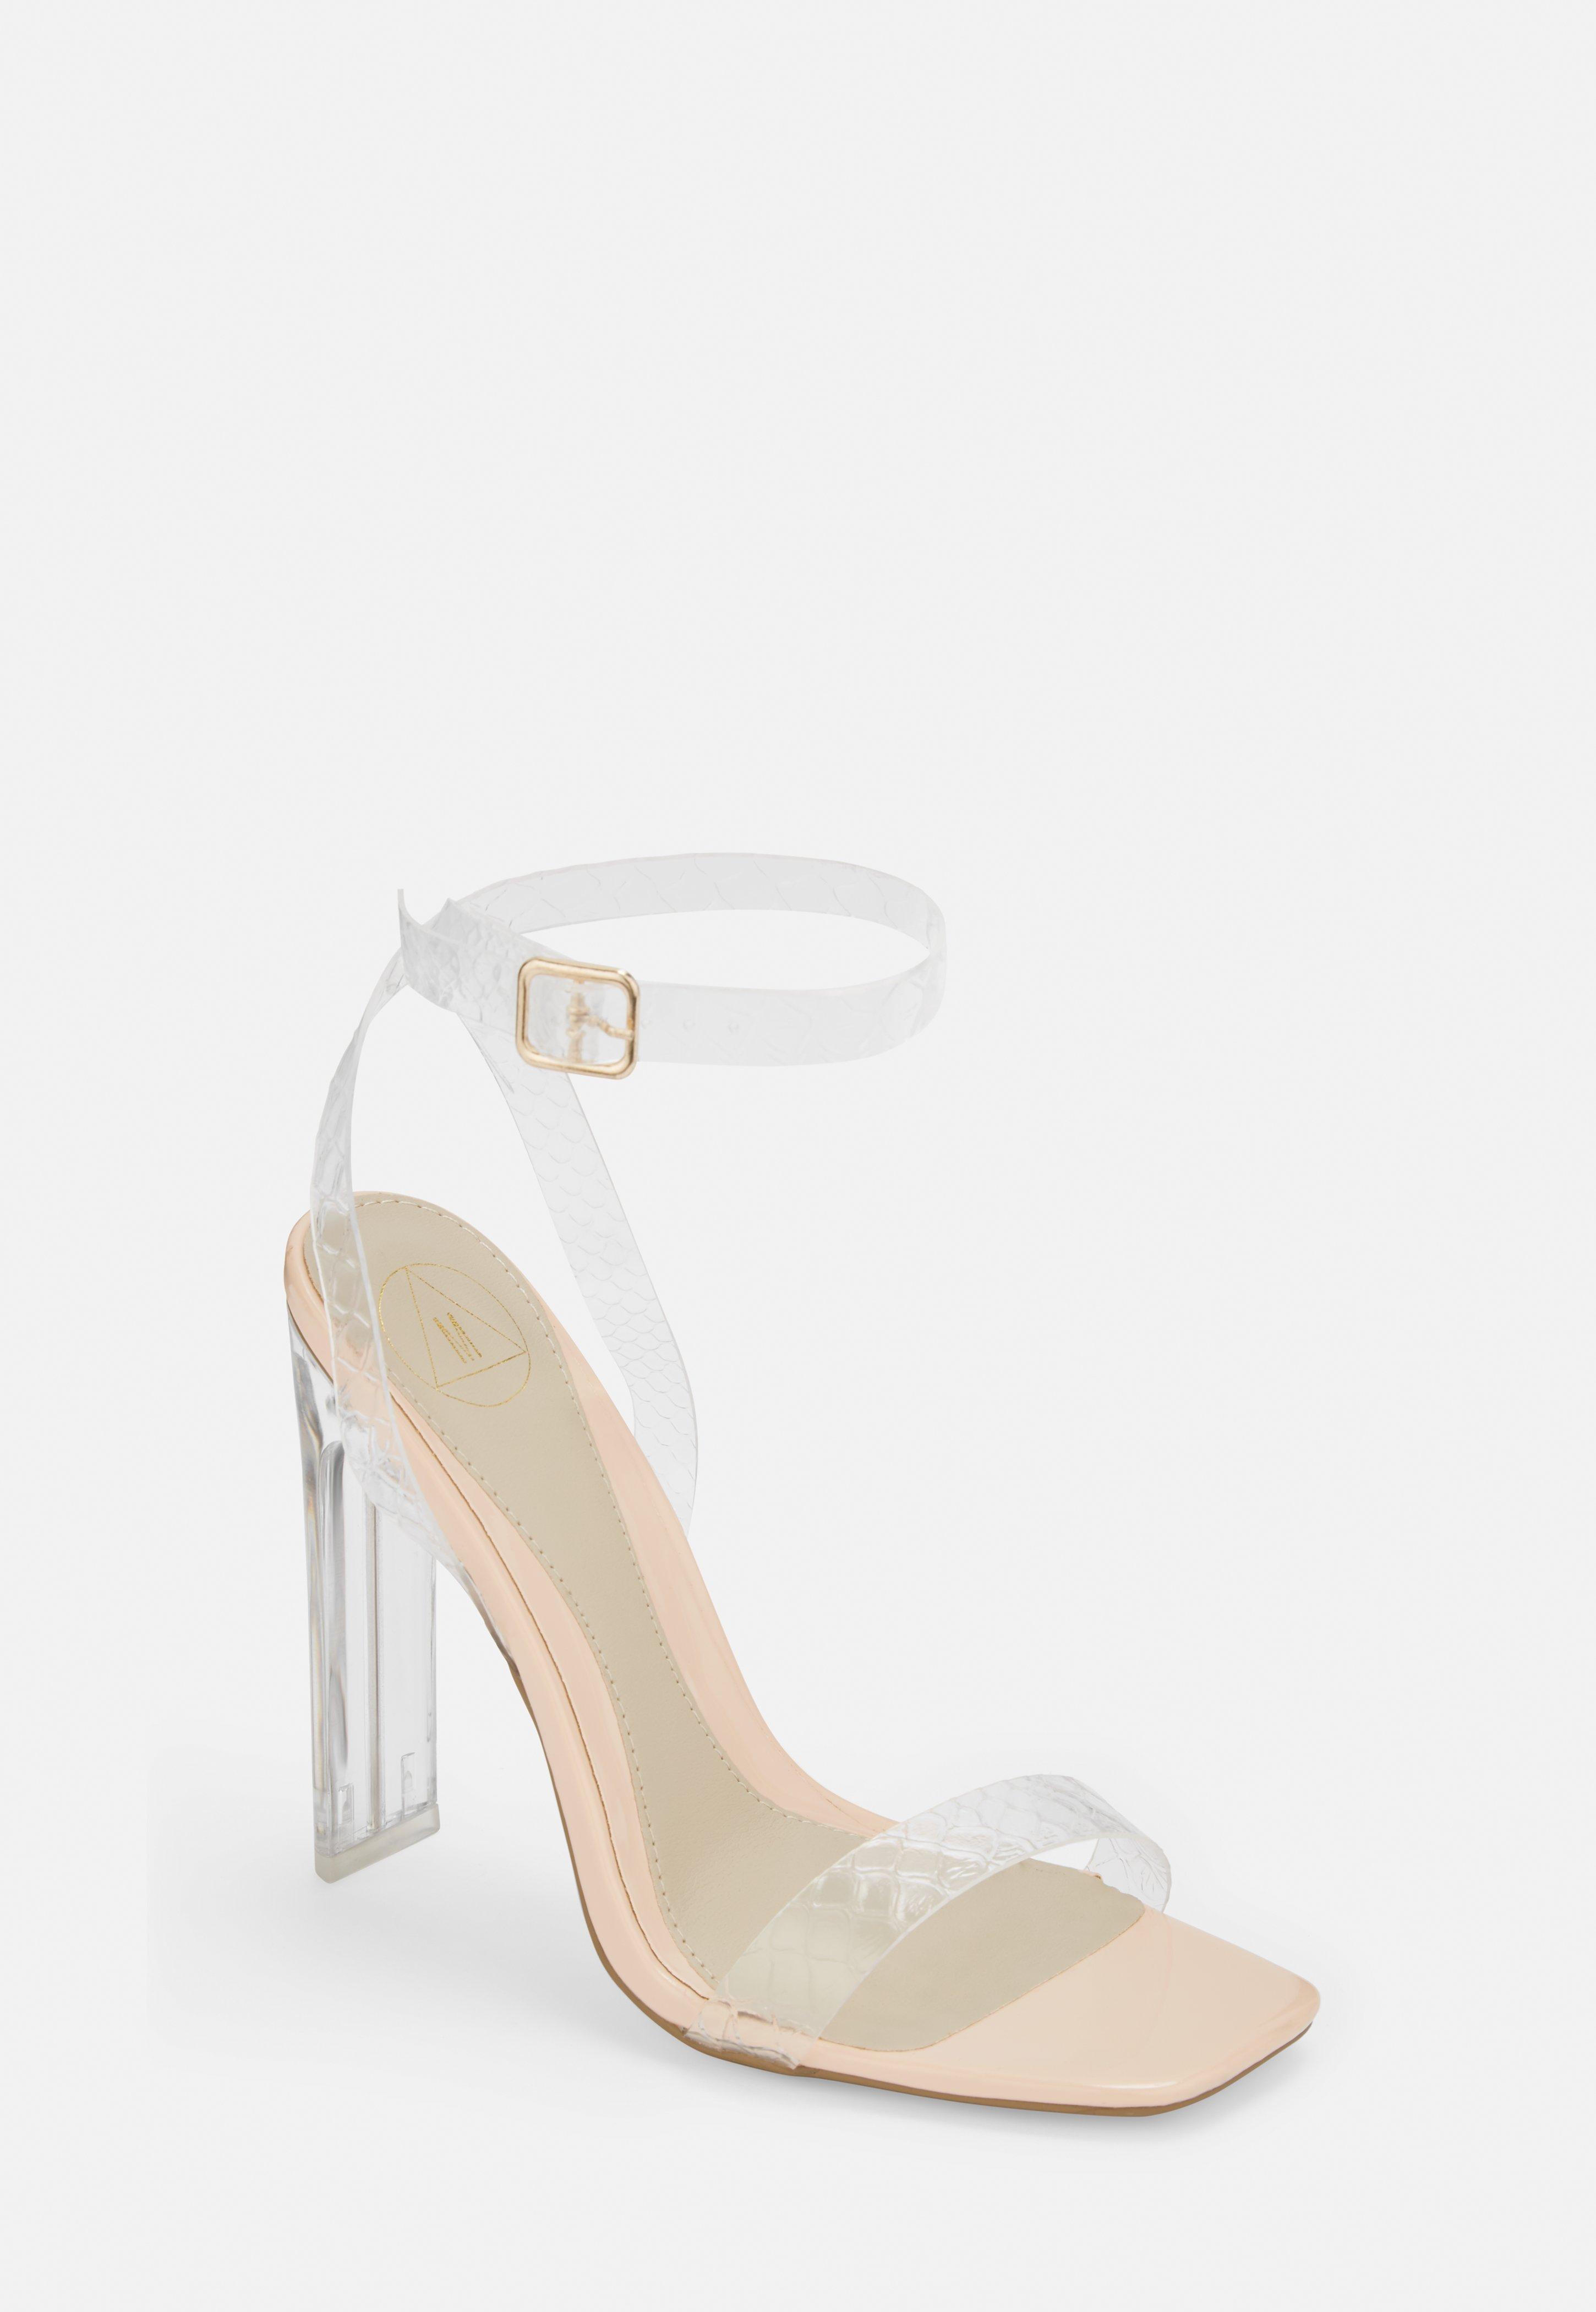 4ef9a51bbba25 Shoes | Women's Footwear Online UK - Missguided